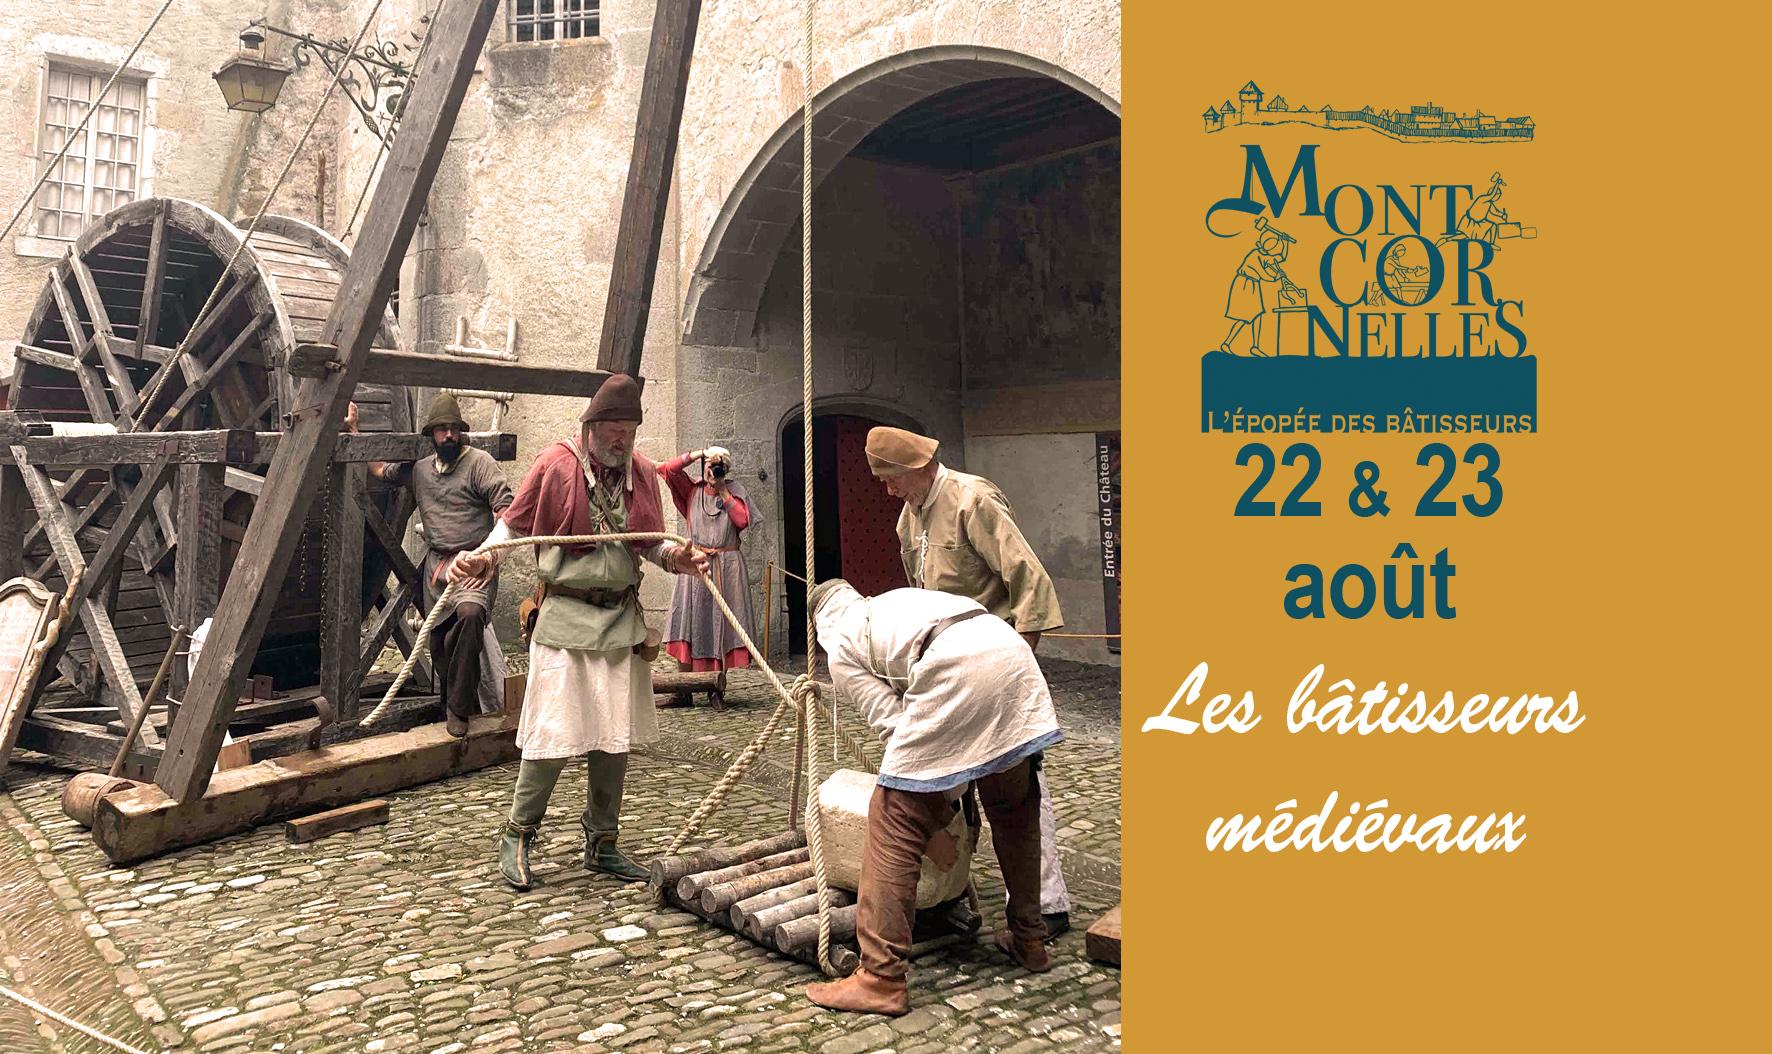 Montcornelles bâtisseurs médiévaux